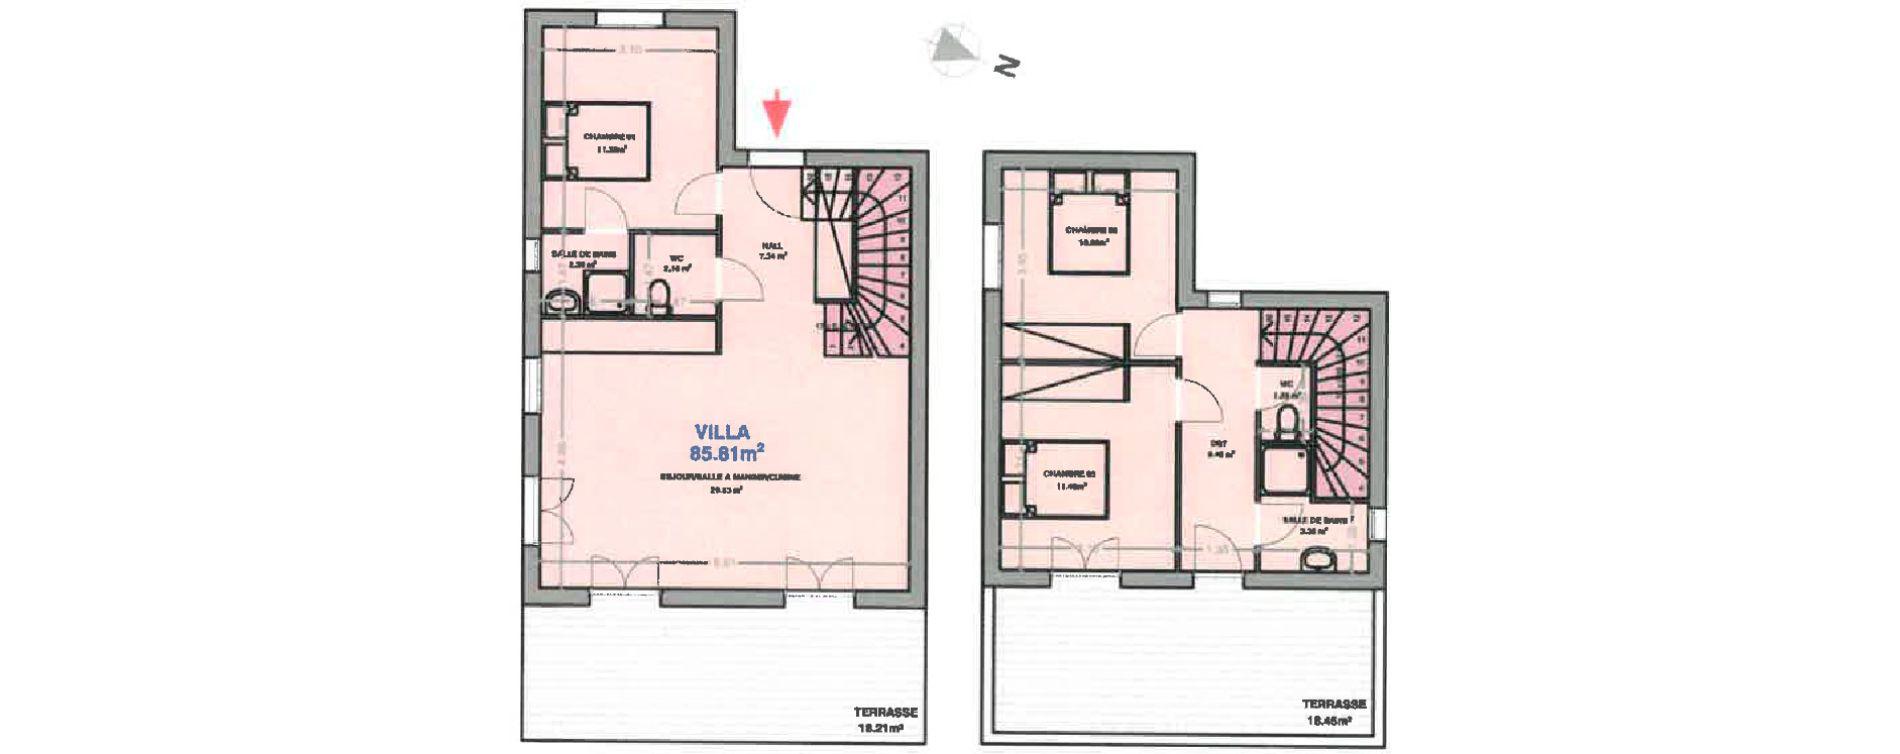 Villa T4 de 85,81 m2 à Calenzana Centre